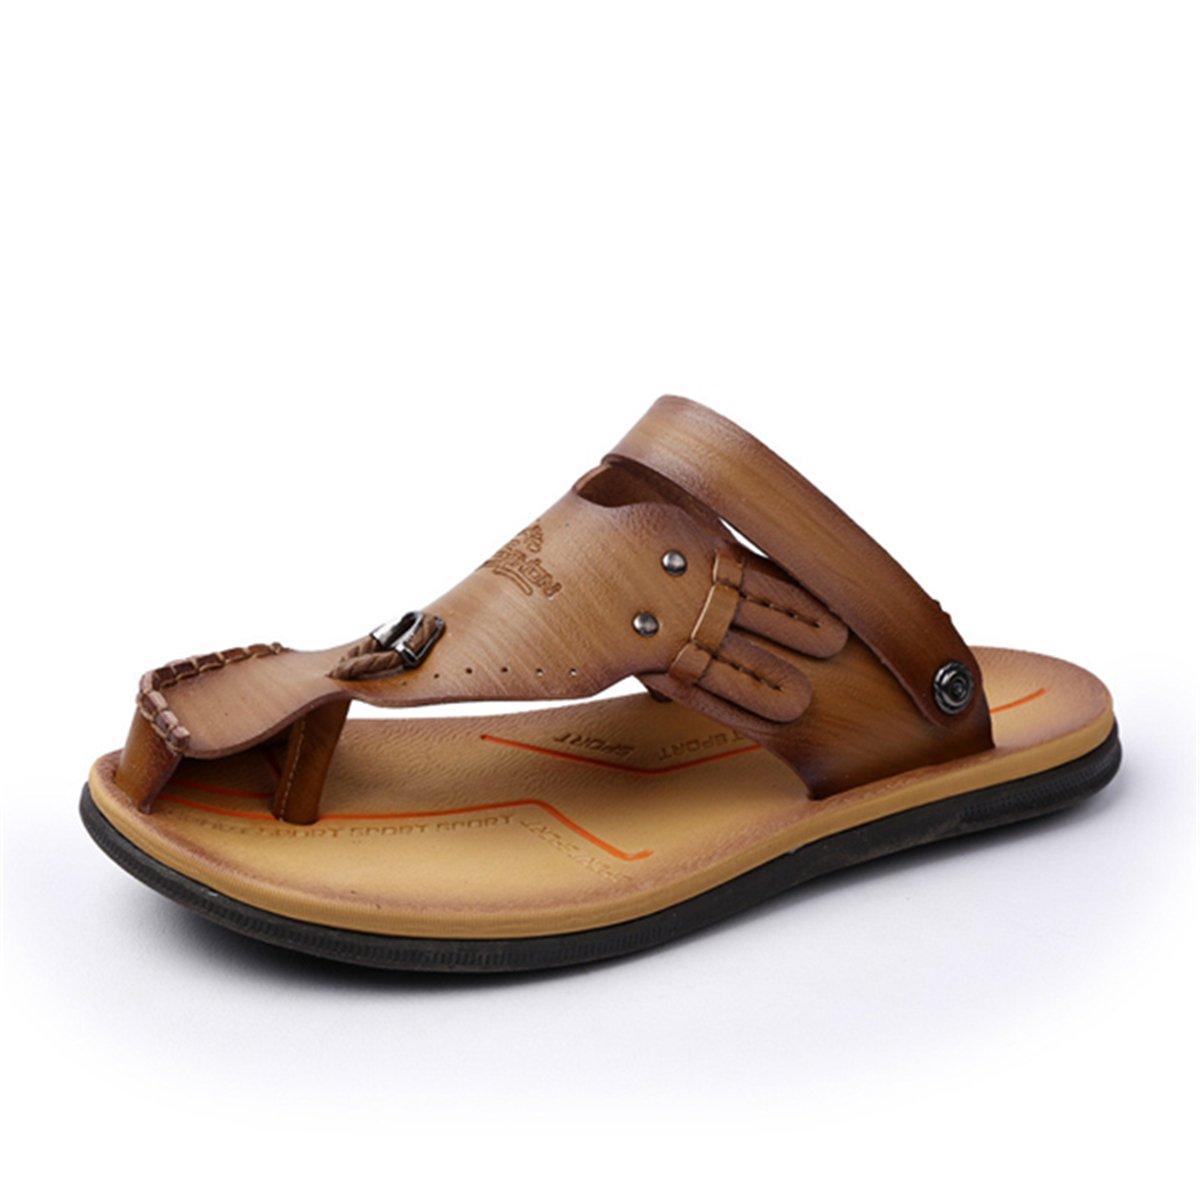 Gracosy Flip Flops, Unisex Zehentrenner Flache Hausschuhe Pantoletten Sommer Schuhe Slippers Weich Anti-Rutsch T-Strap Sandalen fuuml;r Herren Damenr  42 EU|Khaki